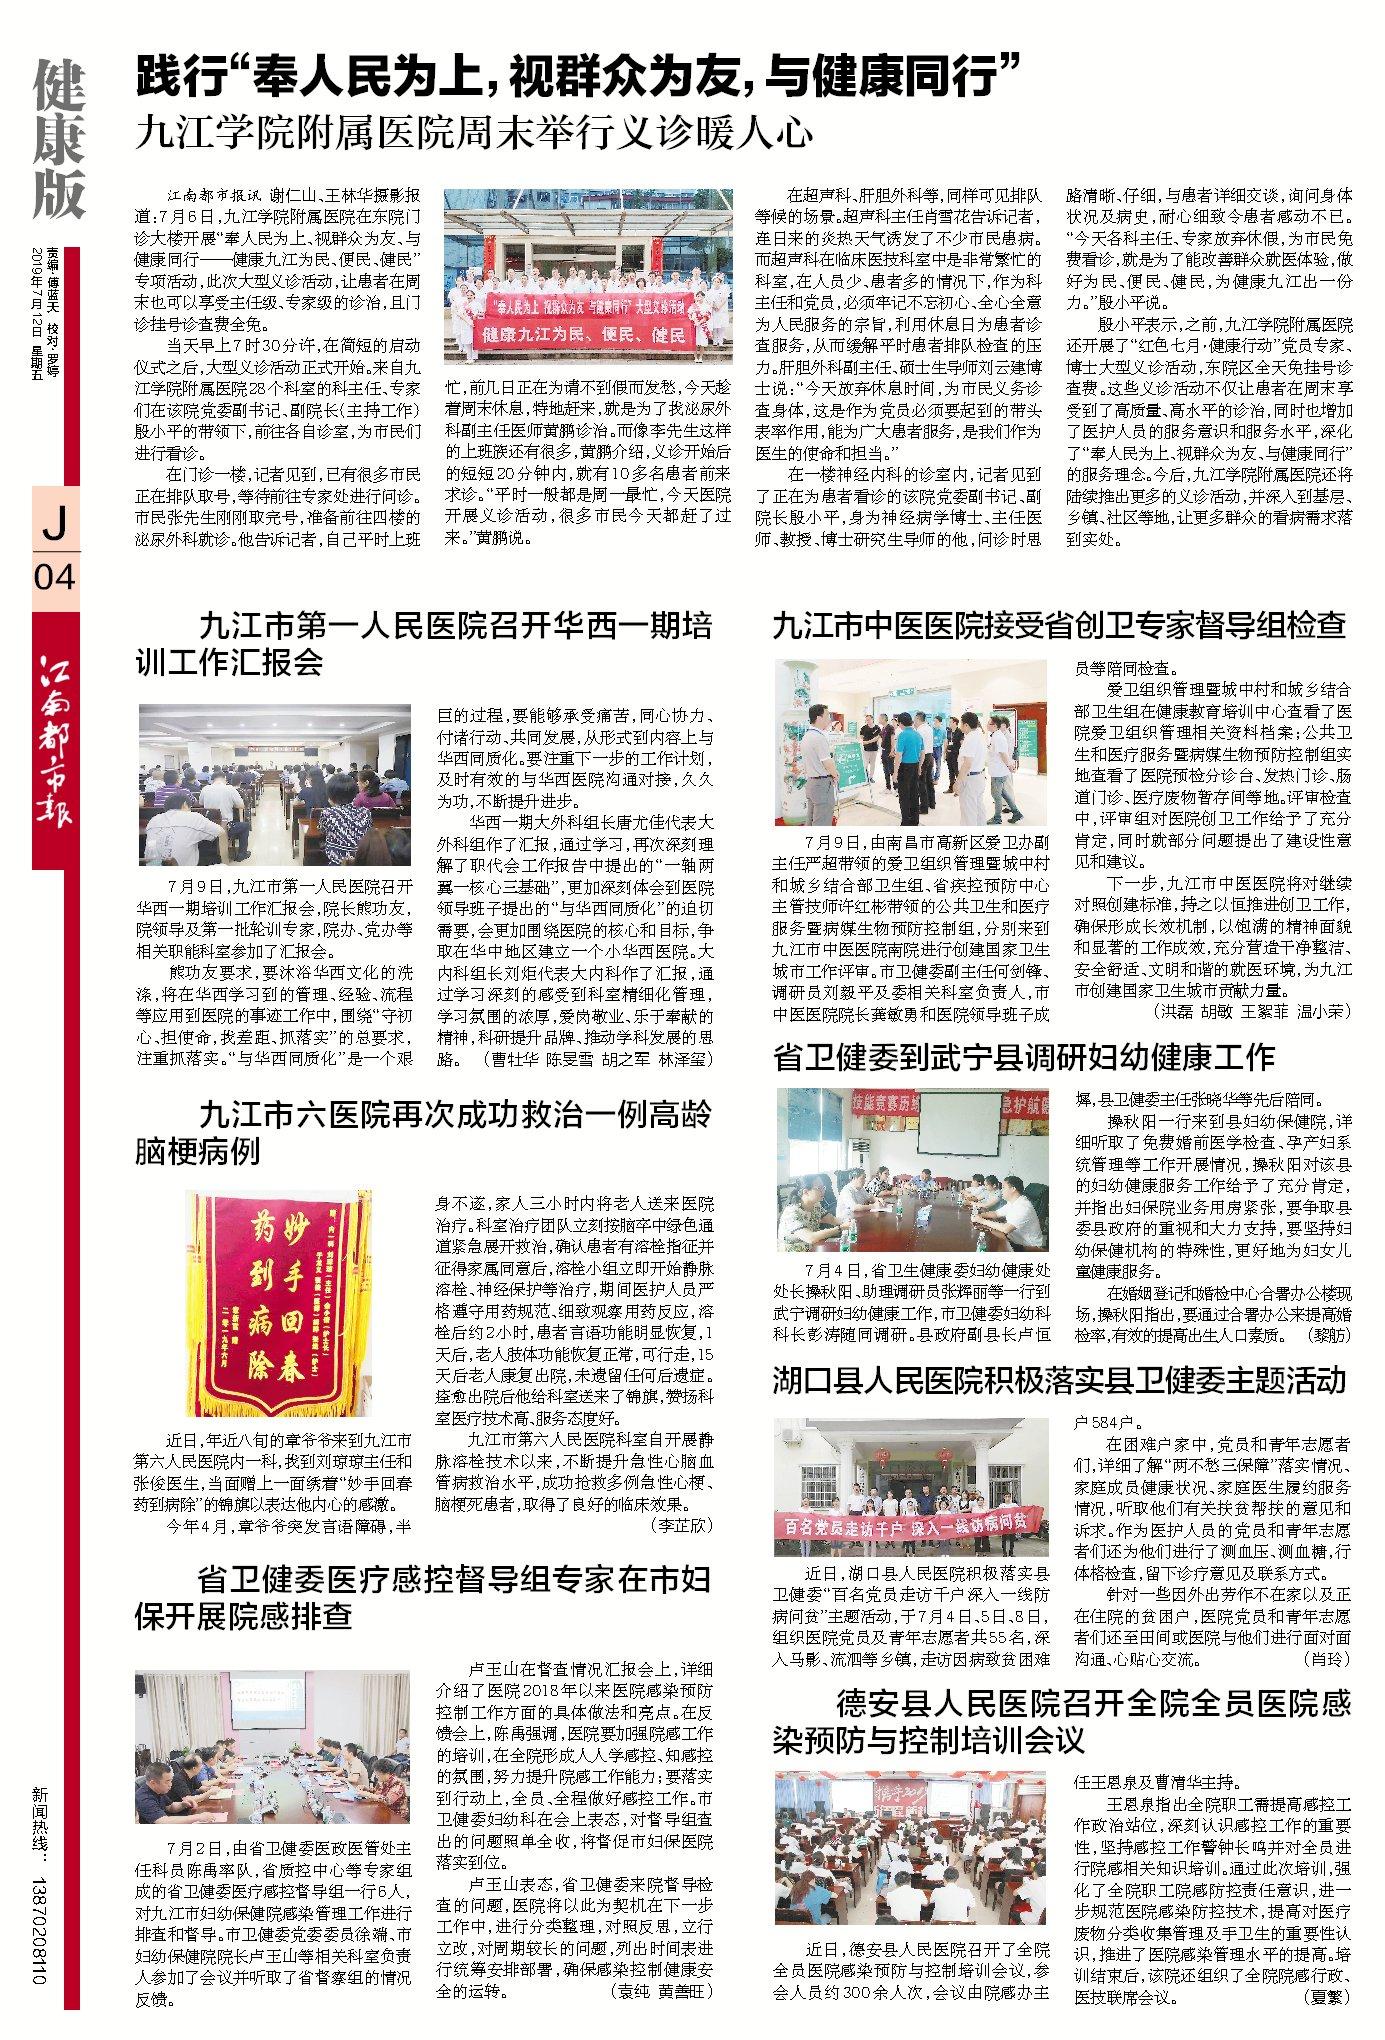 2019年7月12日江南都市报《亚博体育app苹果新闻》健康版